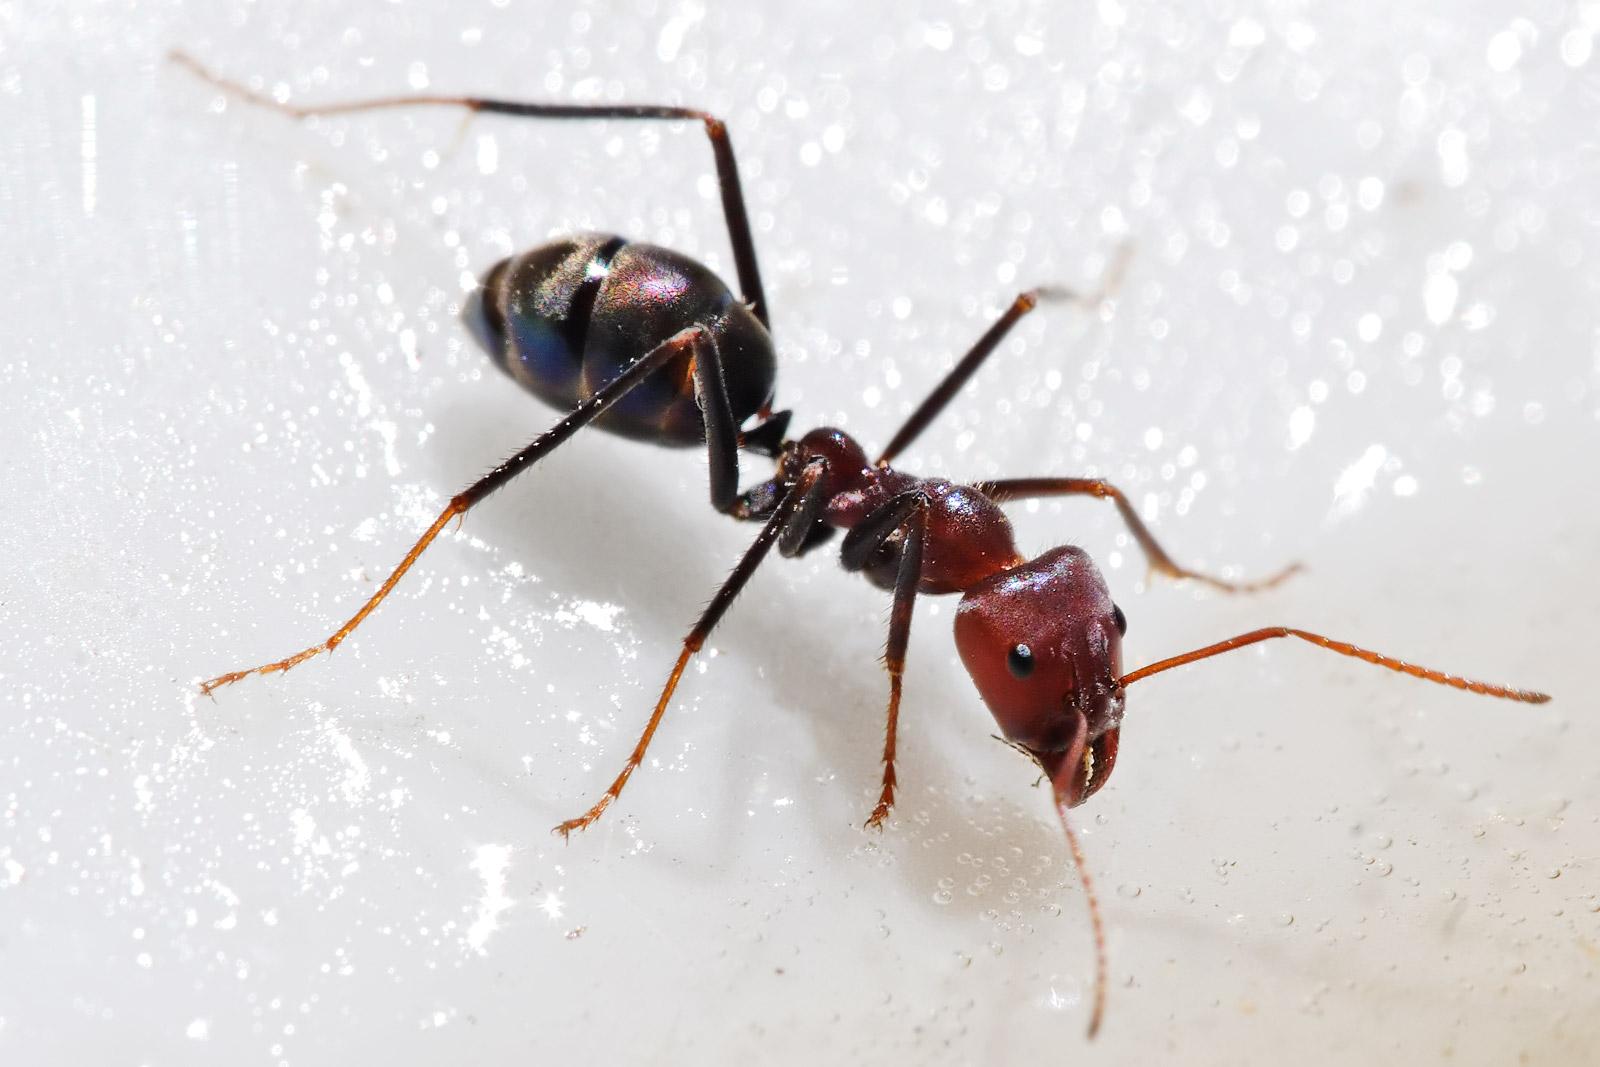 صوره بحث عن الحشرات النافعة مثل النمل